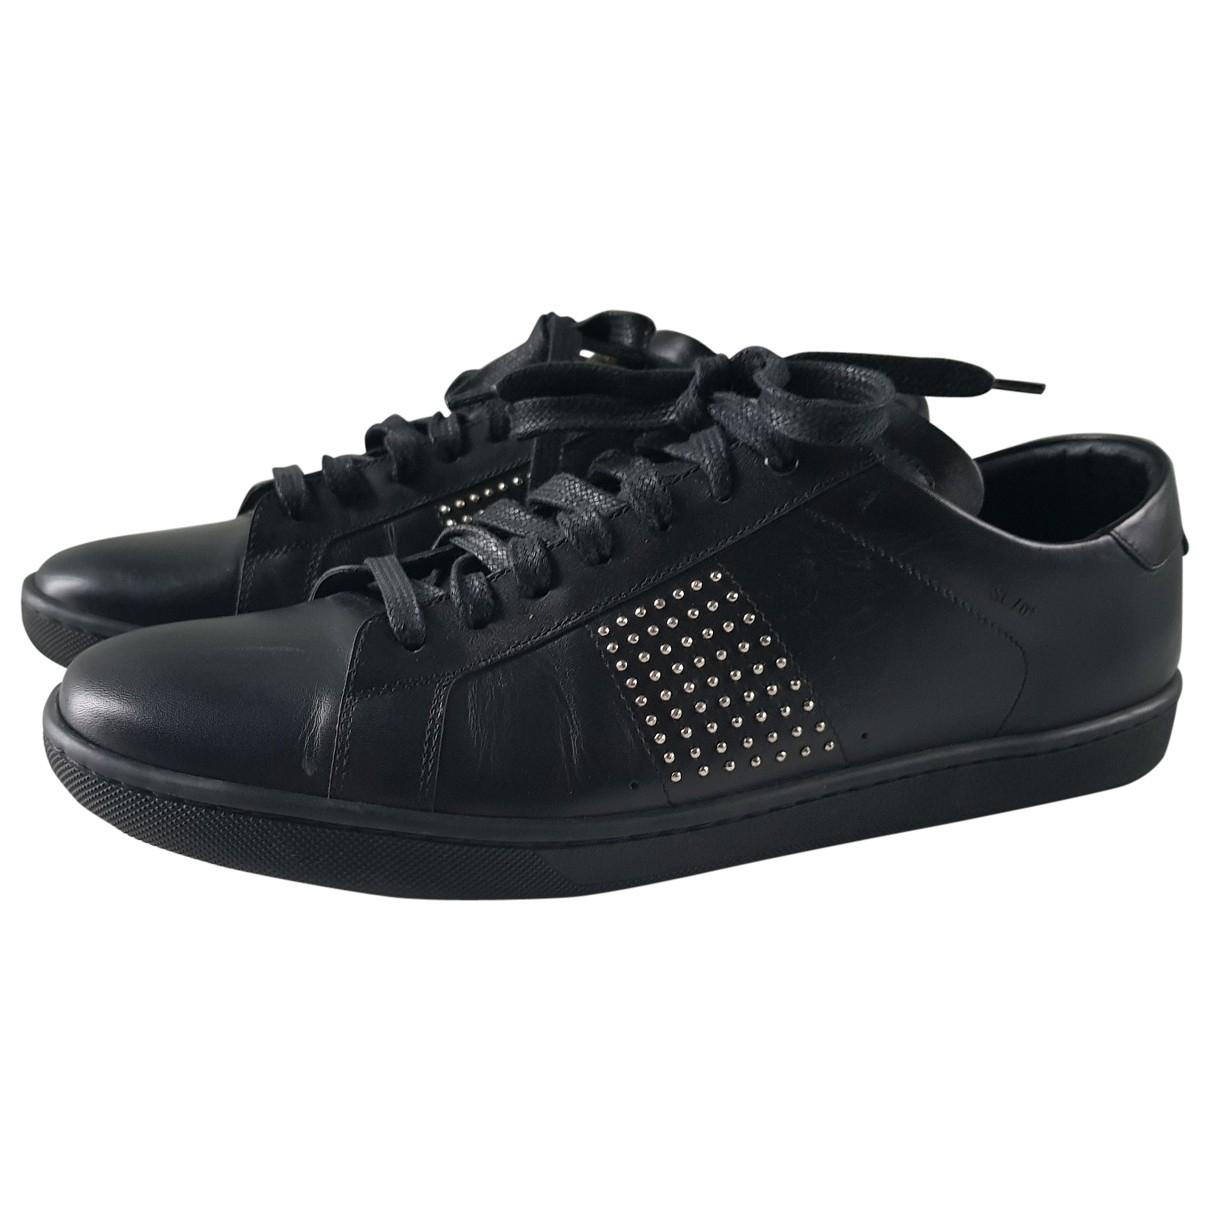 Saint Laurent Court Black Leather Trainers for Women 42 EU